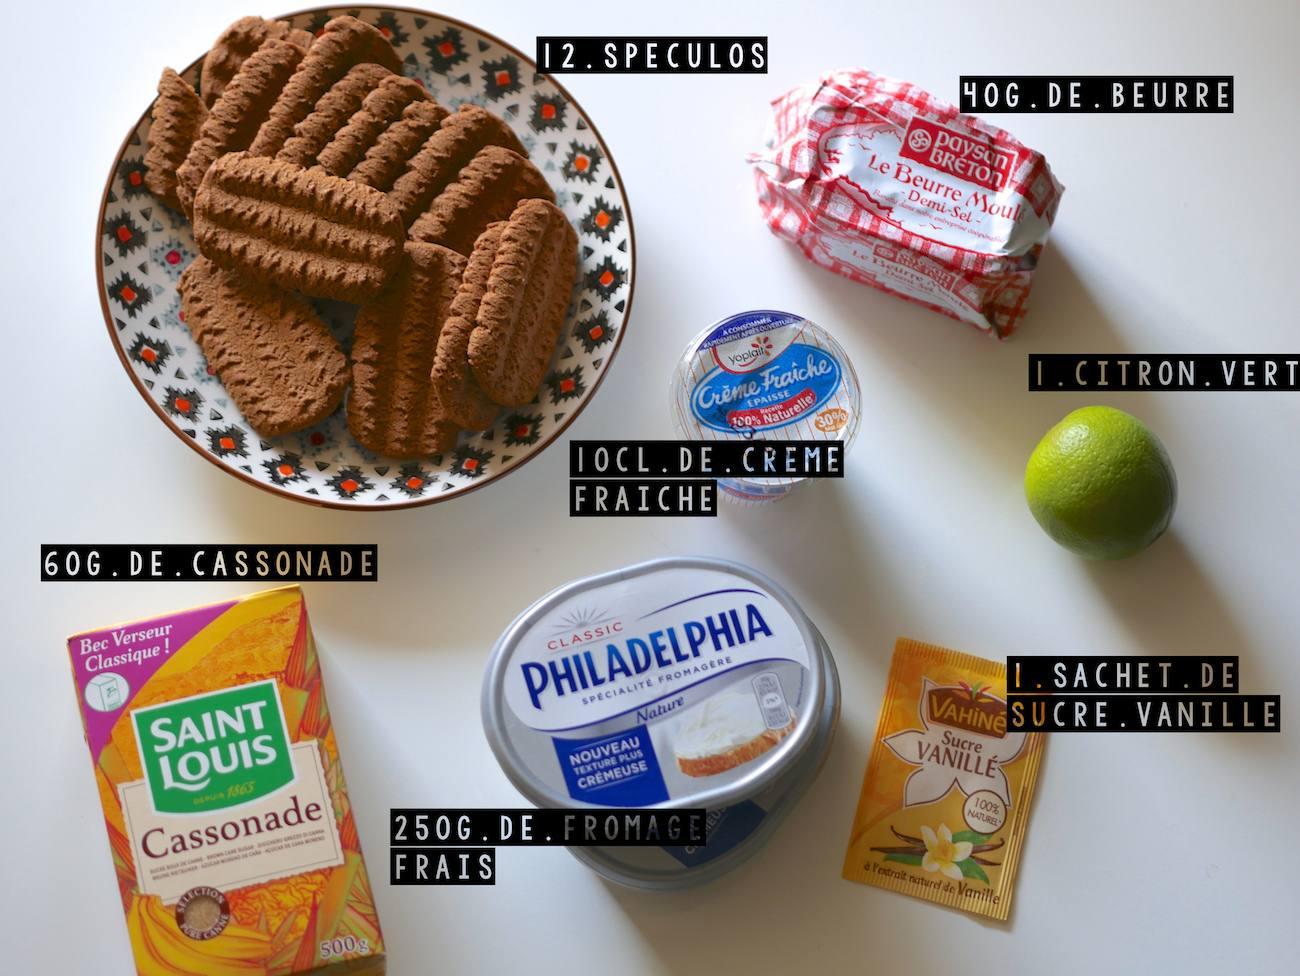 Recette Cheesecake Spéculos - Nolwenn C 2